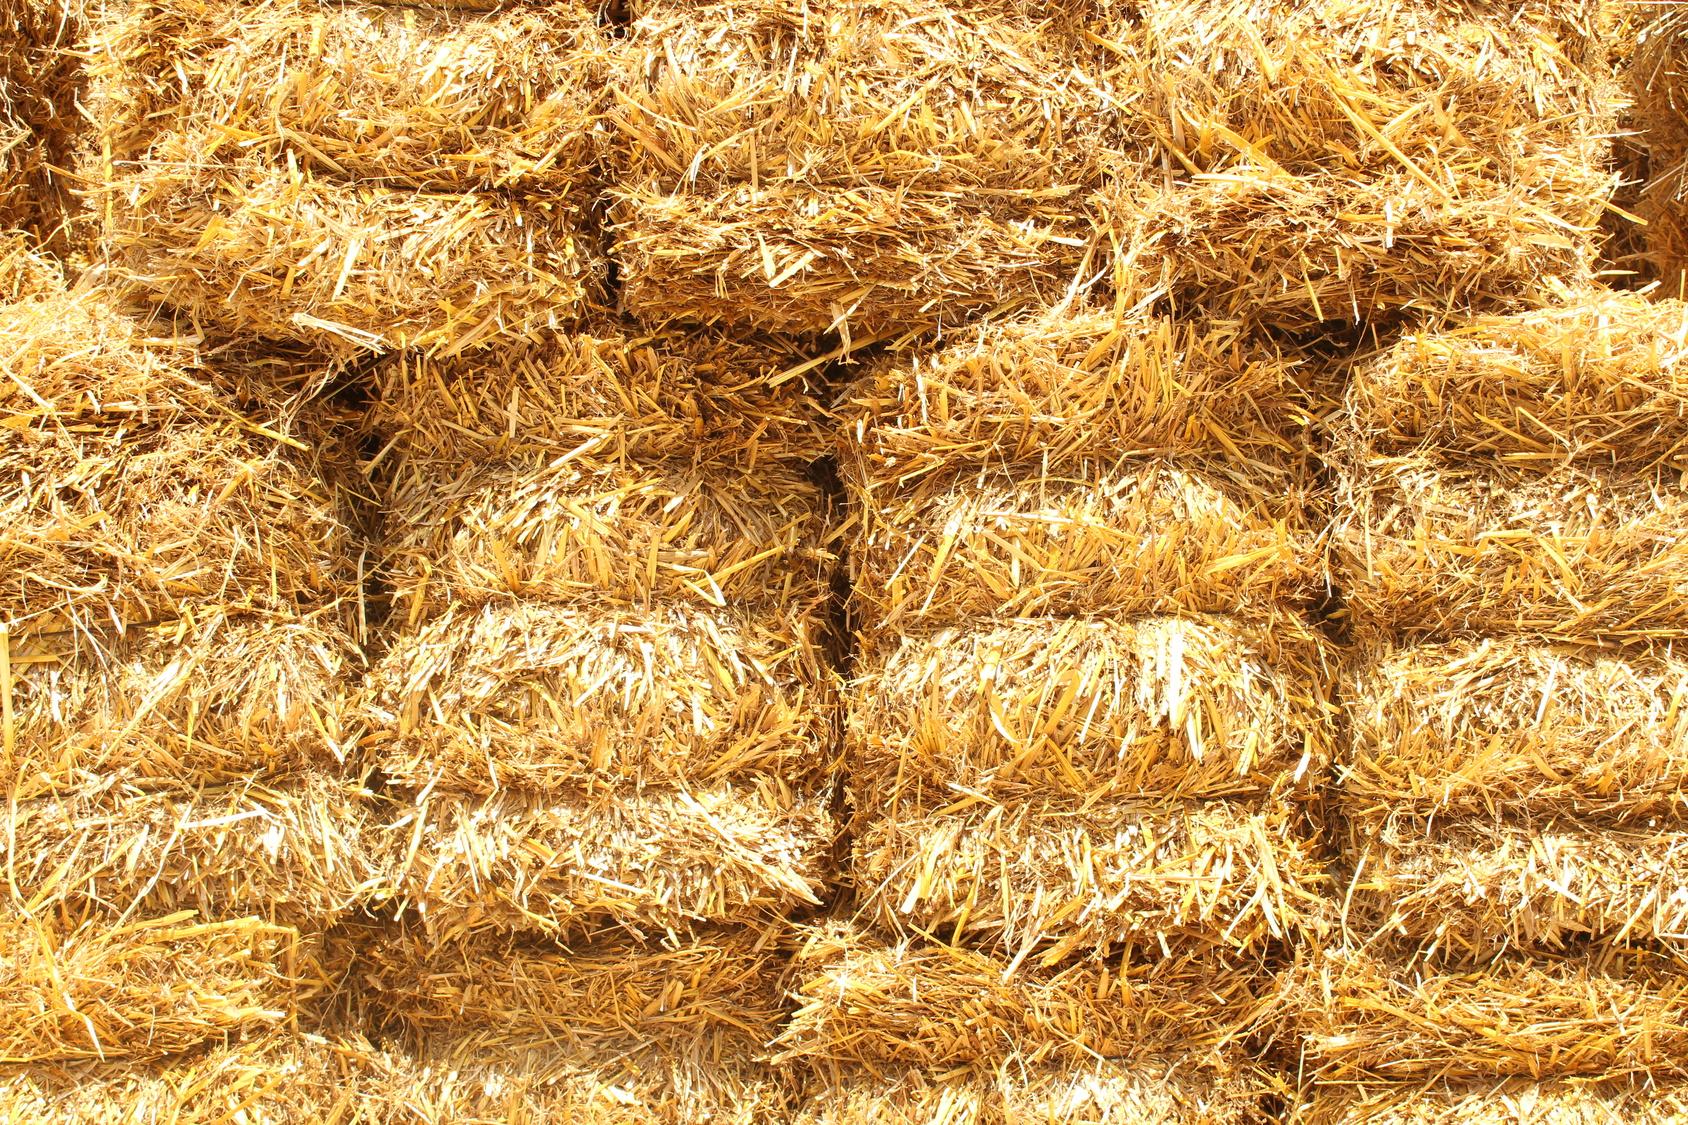 Construcci n respetuosa con el medio ambiente bioconstrucci n - Tocar madera casas ...